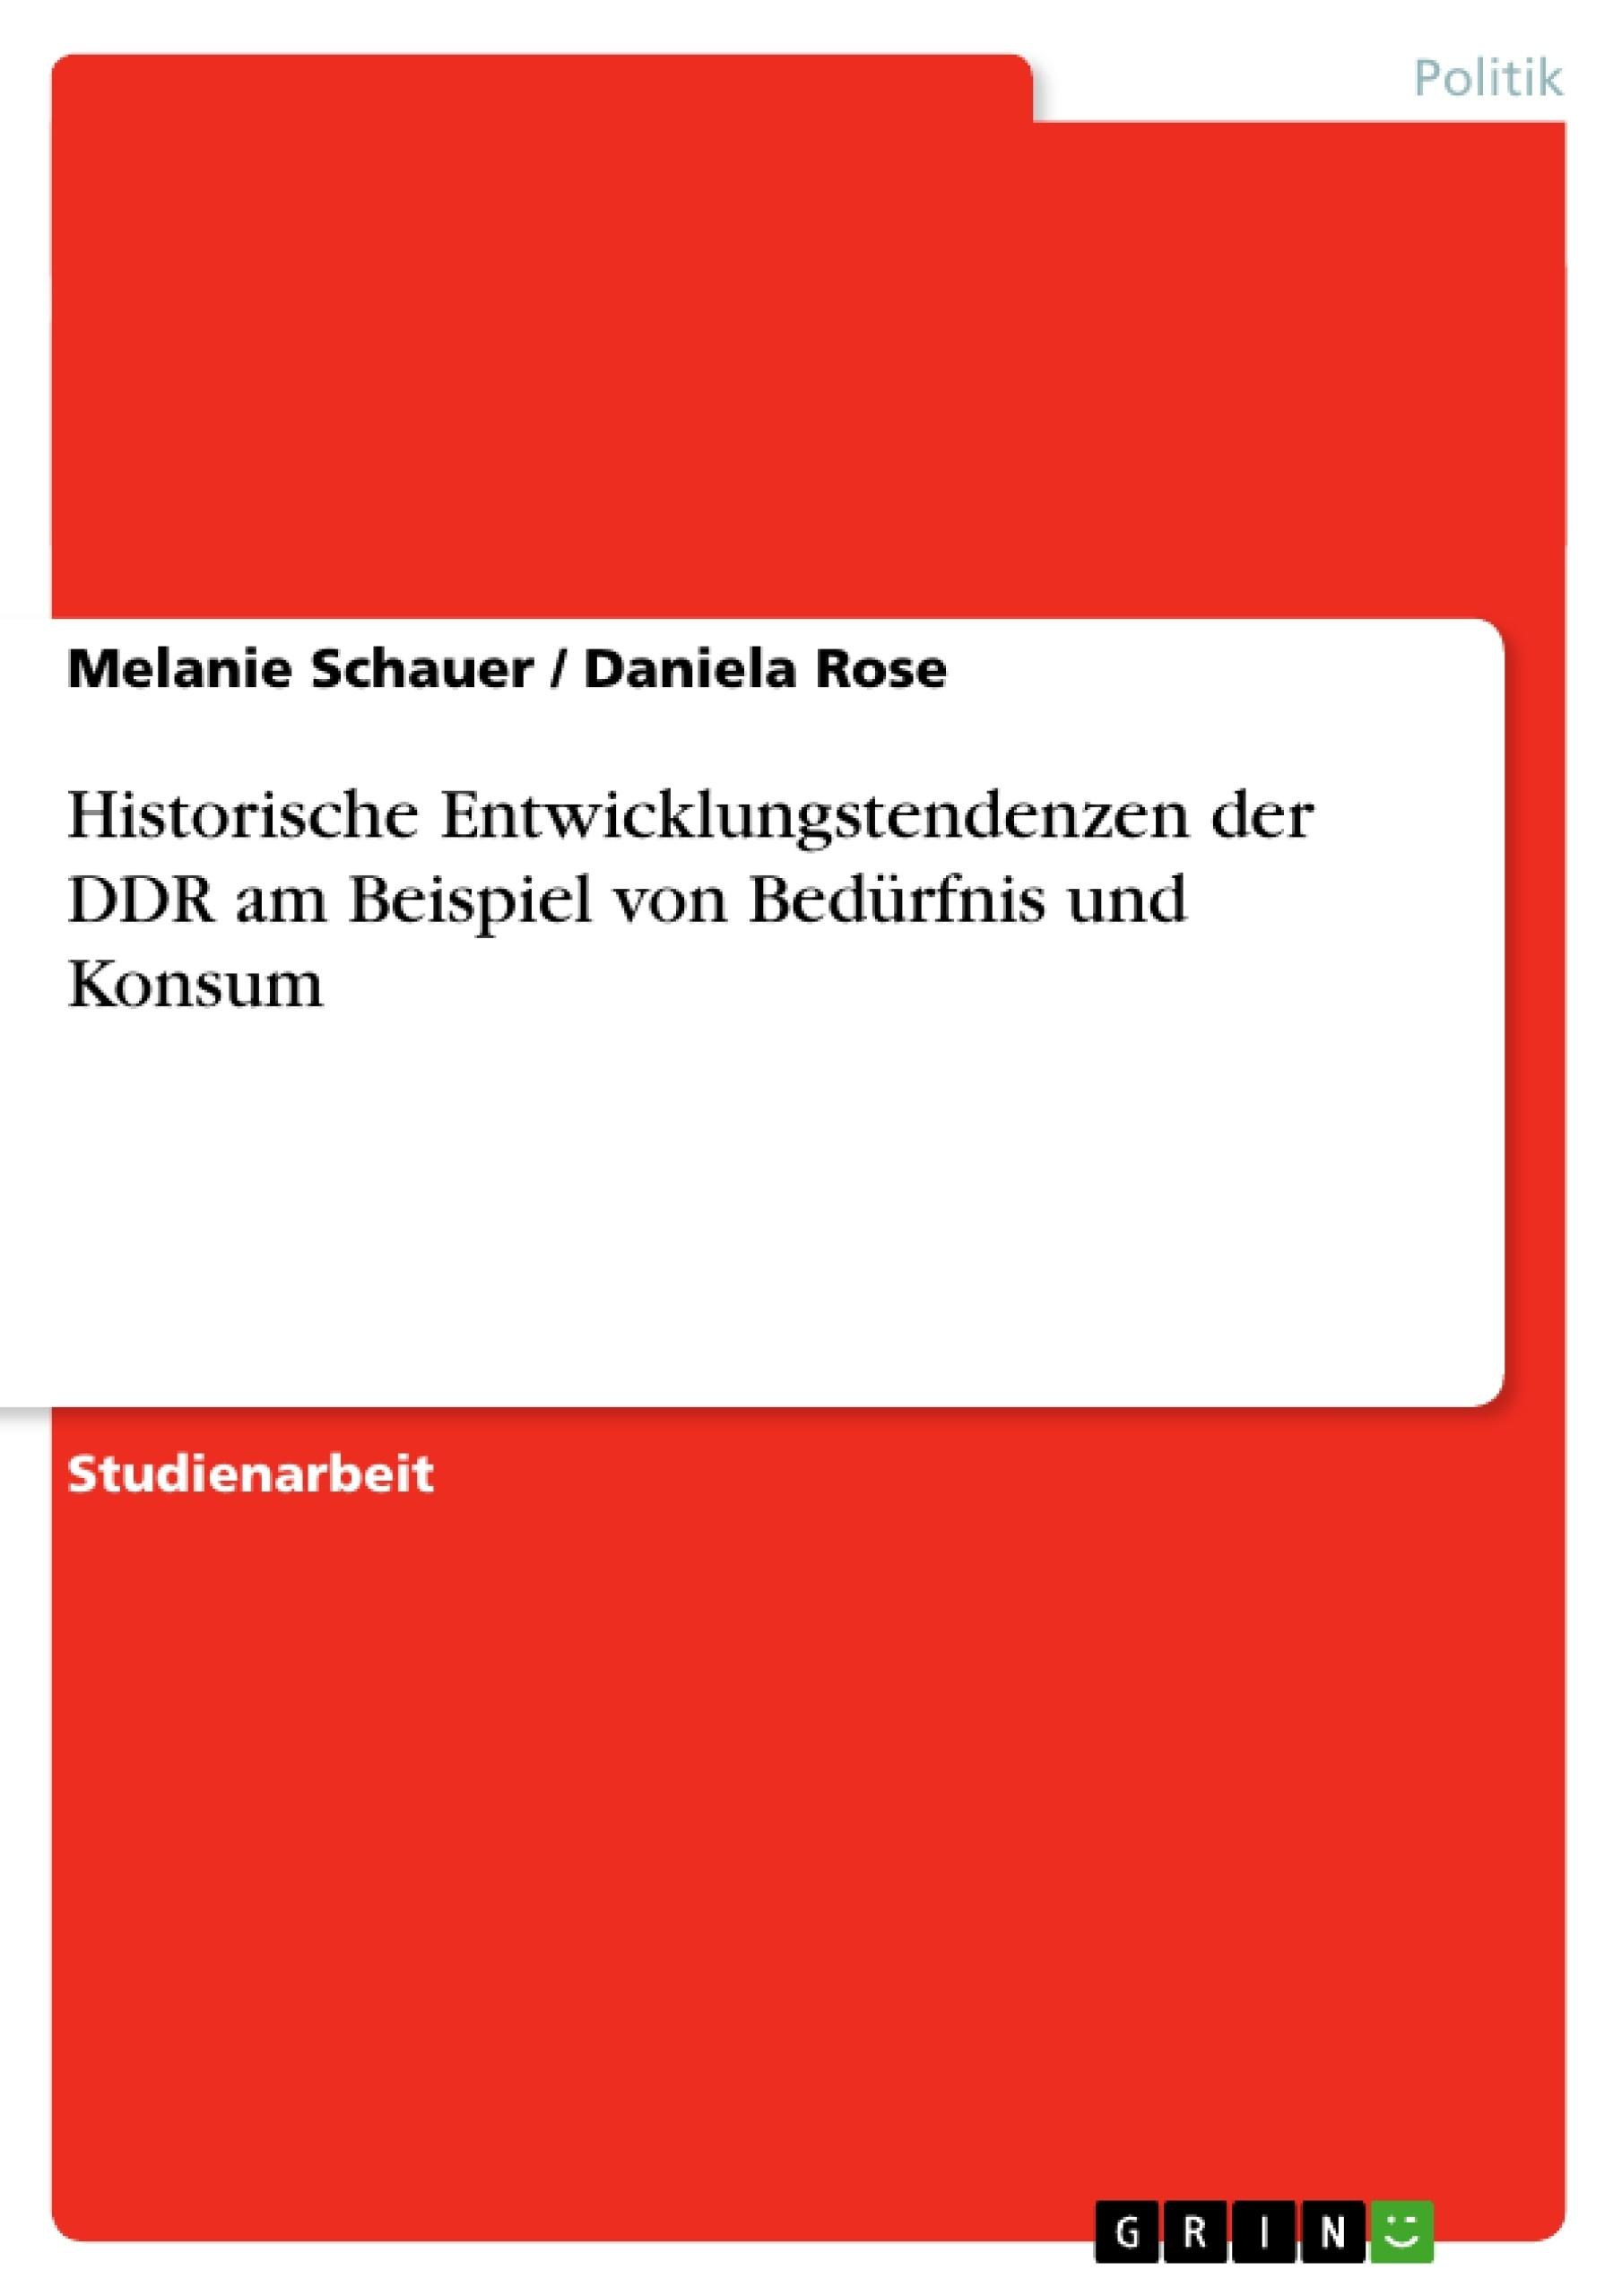 Titel: Historische Entwicklungstendenzen der DDR am Beispiel von Bedürfnis und Konsum